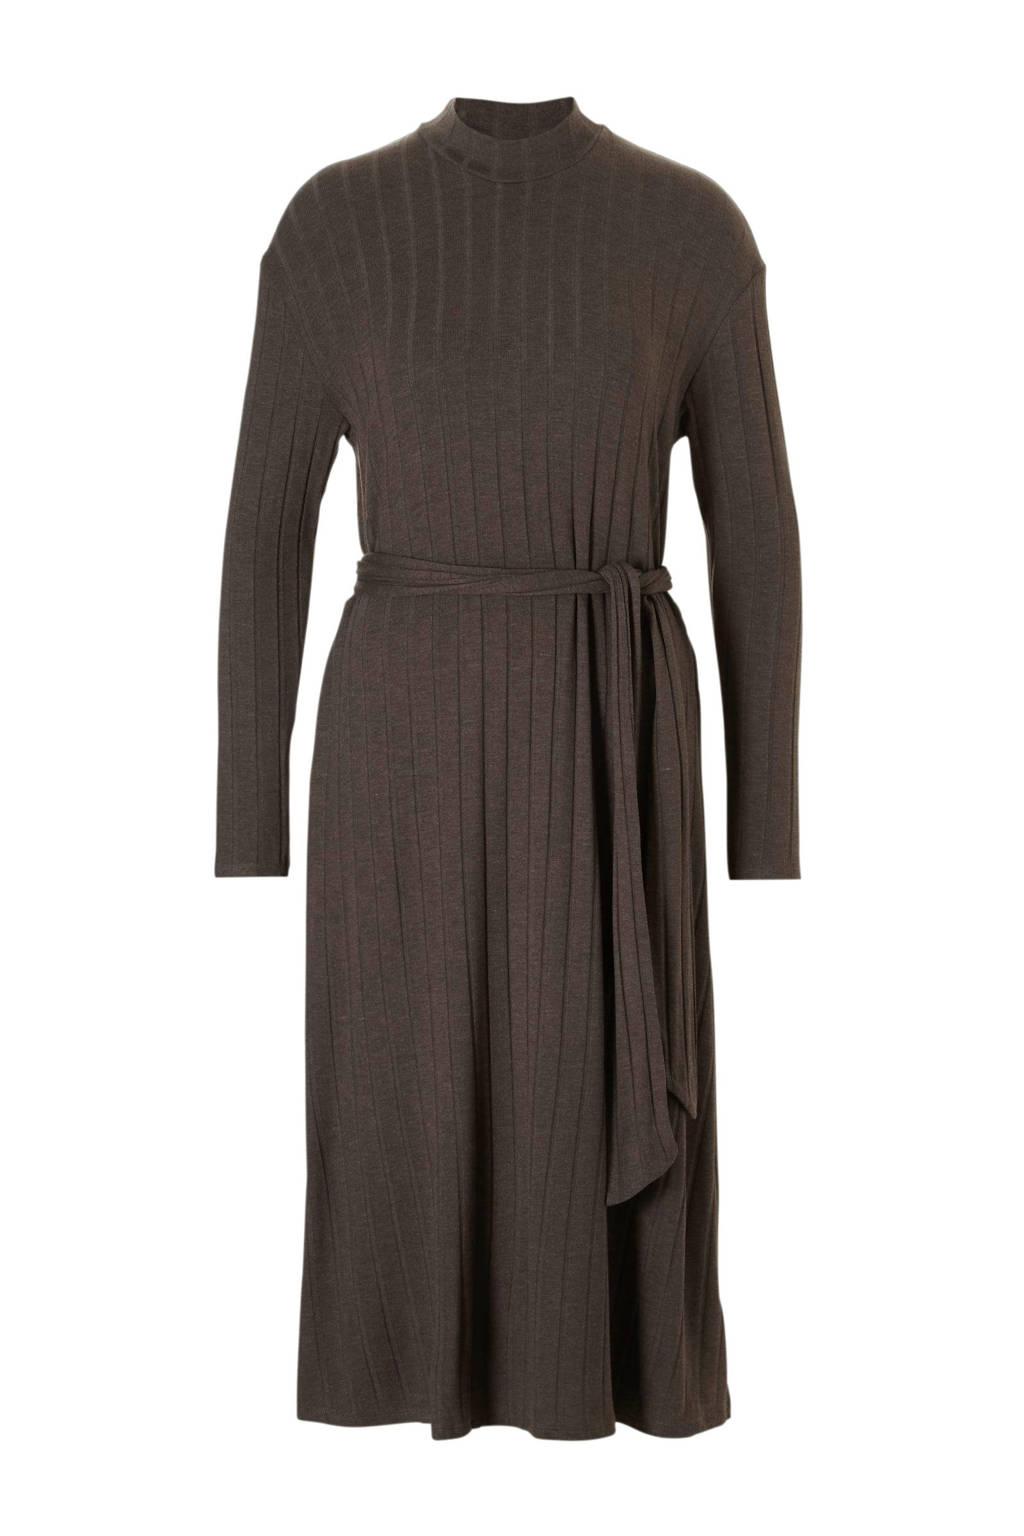 0c8027041c3ed3 Mango gebreide jurk met ribpatroon bruin